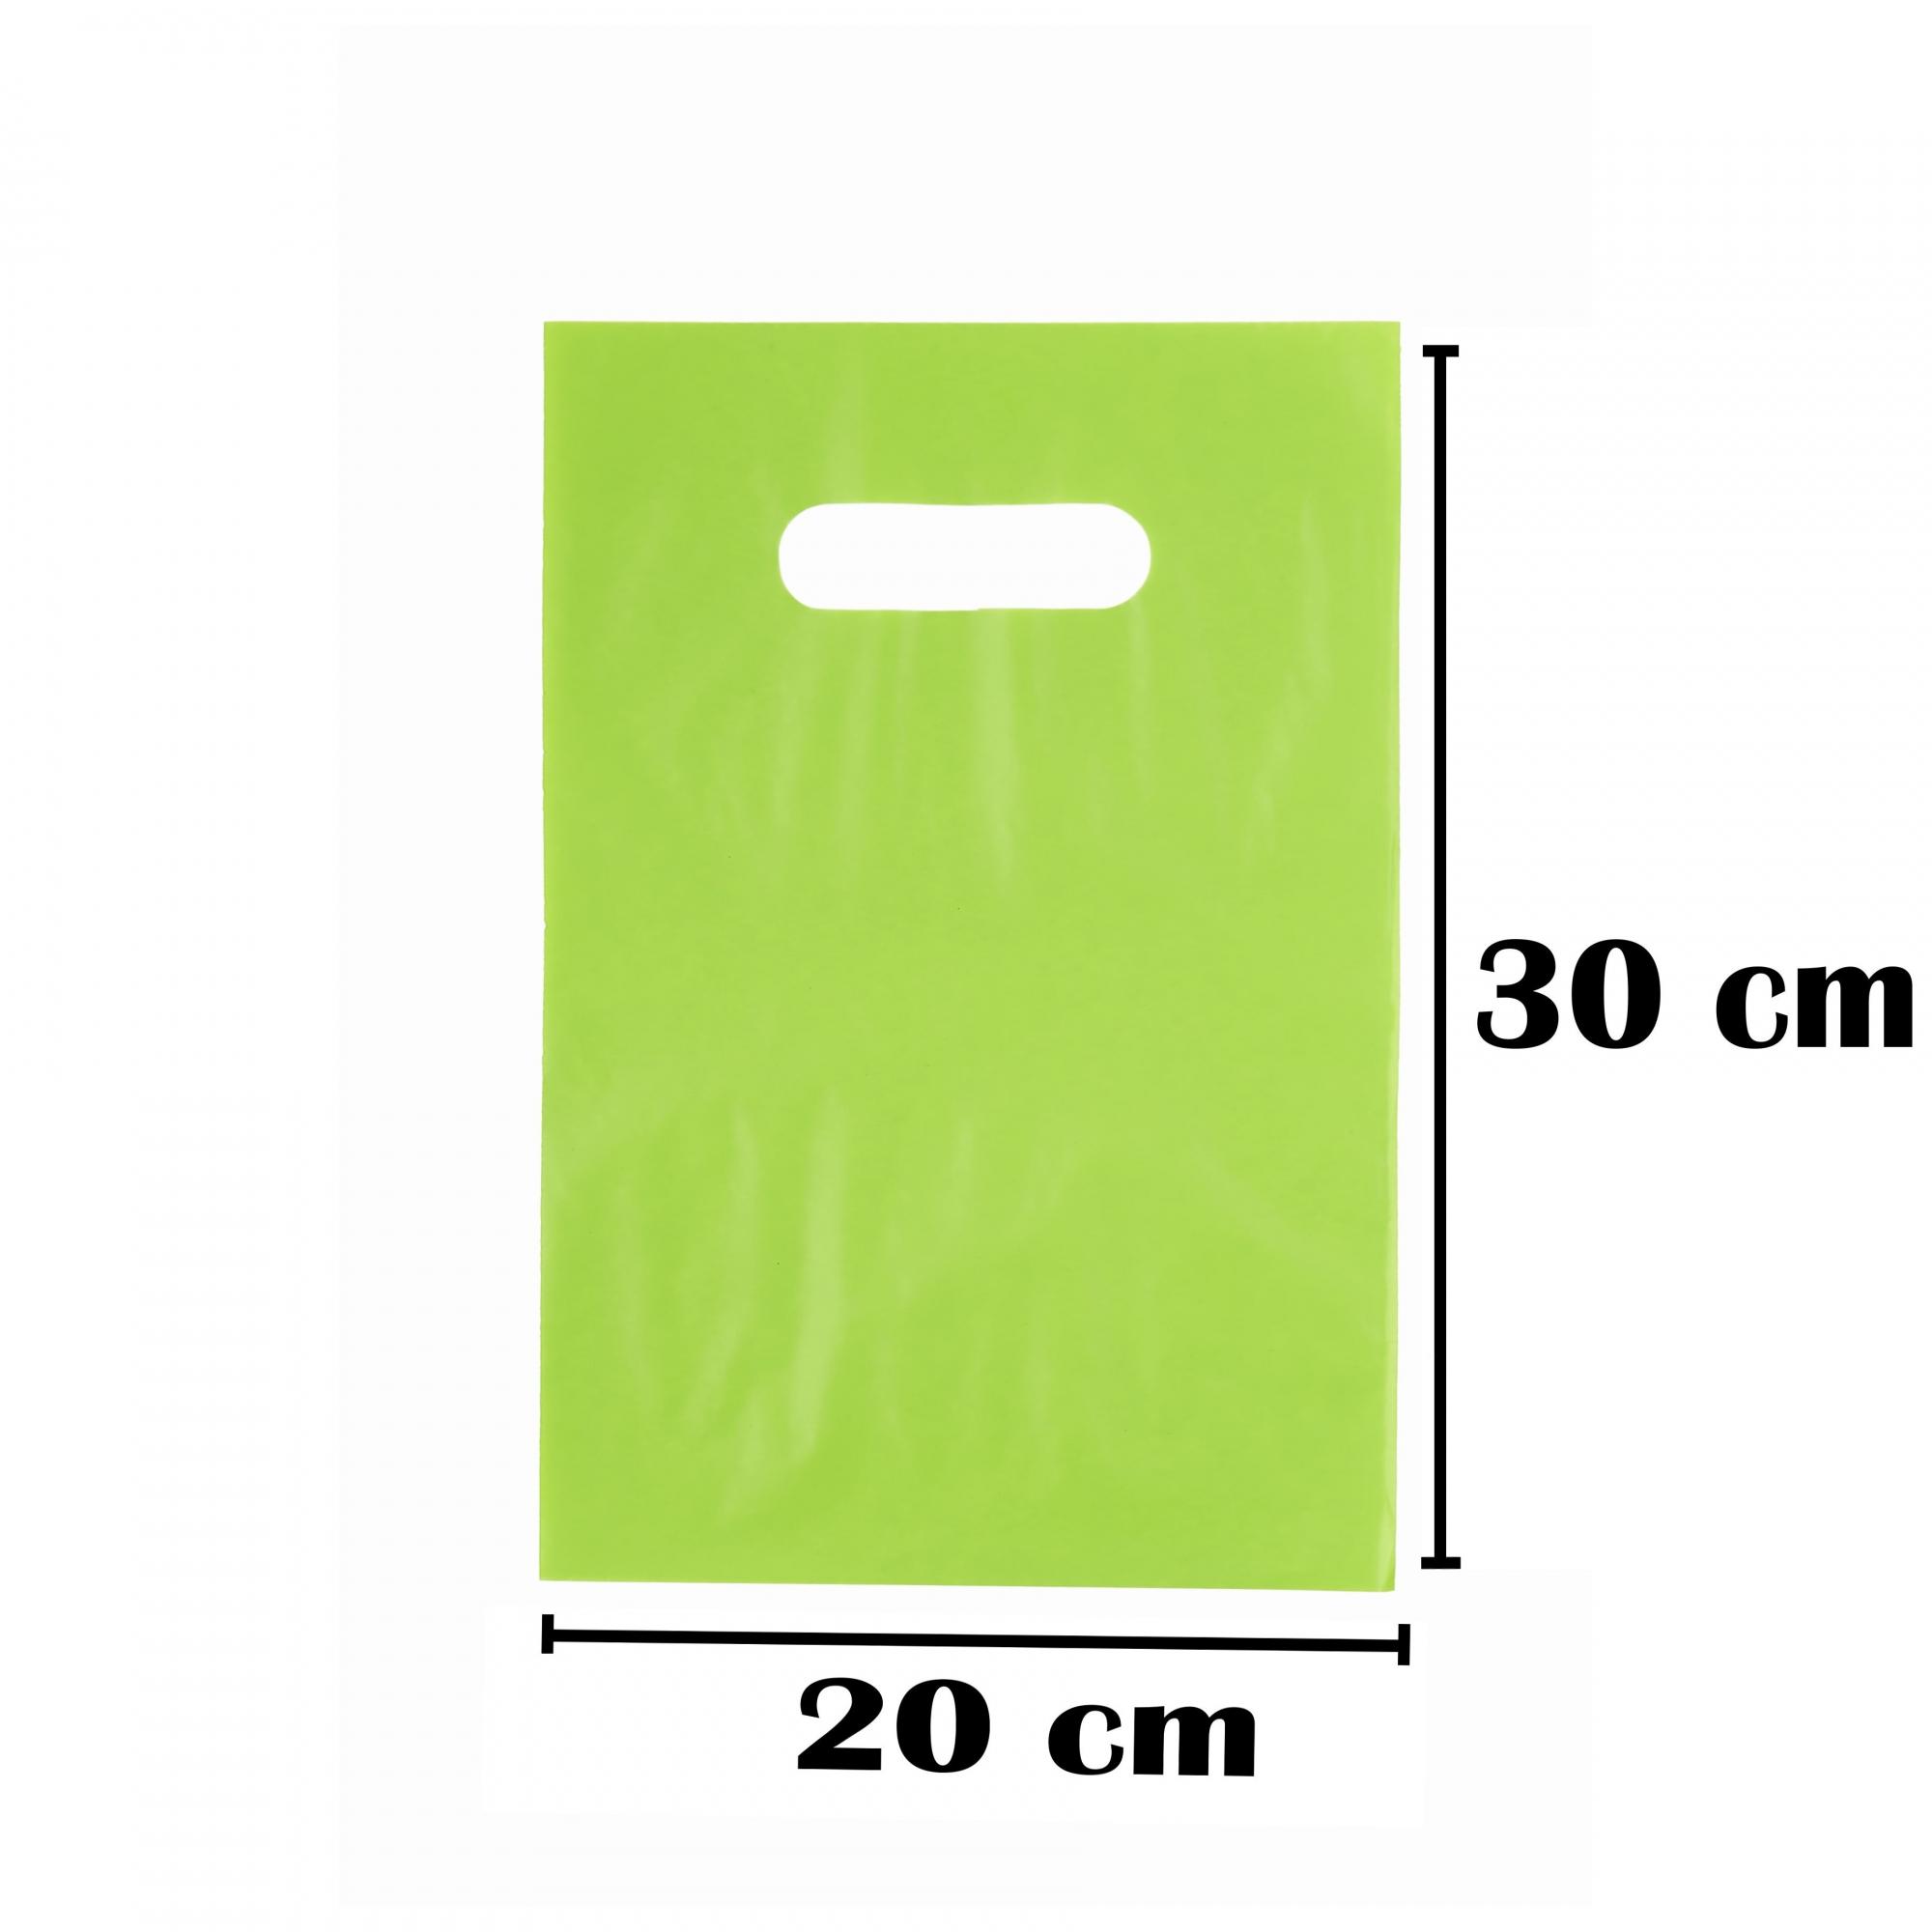 Sacola Plástica 20x30 Verde Alça Boca de Palhaço 500 Unidades